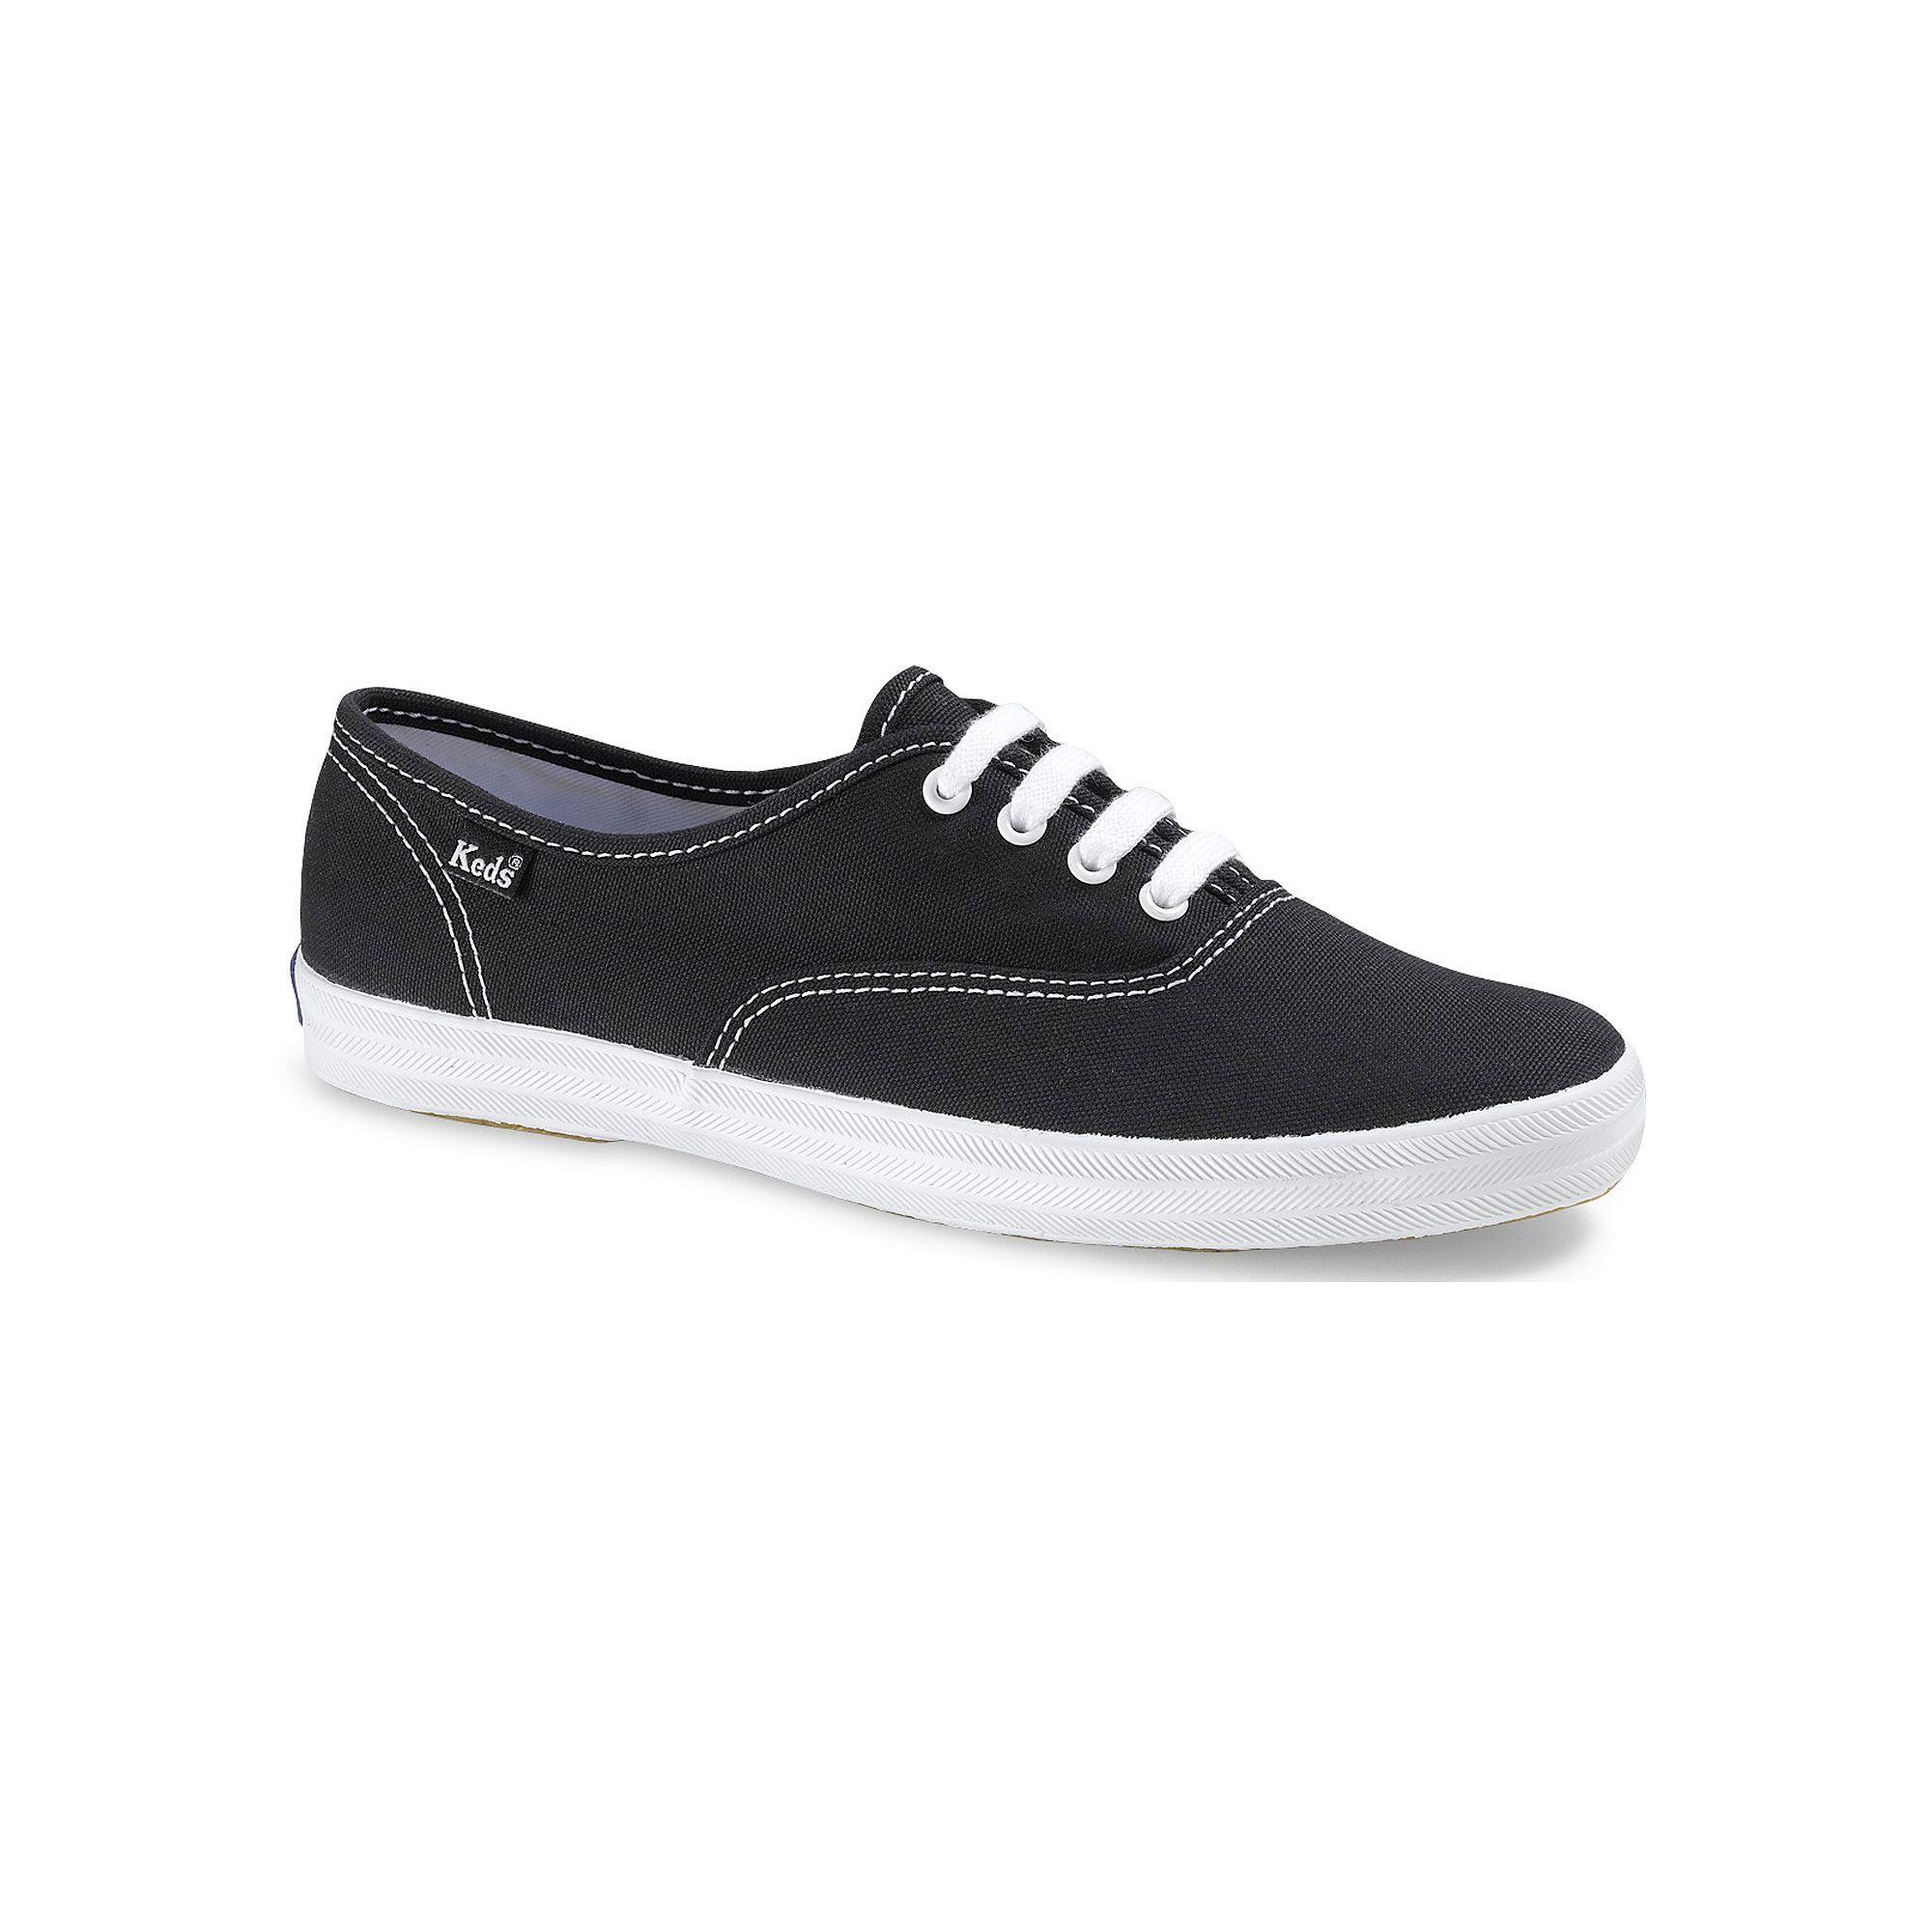 Keds Champion Women s Oxford Shoes 5342465d8